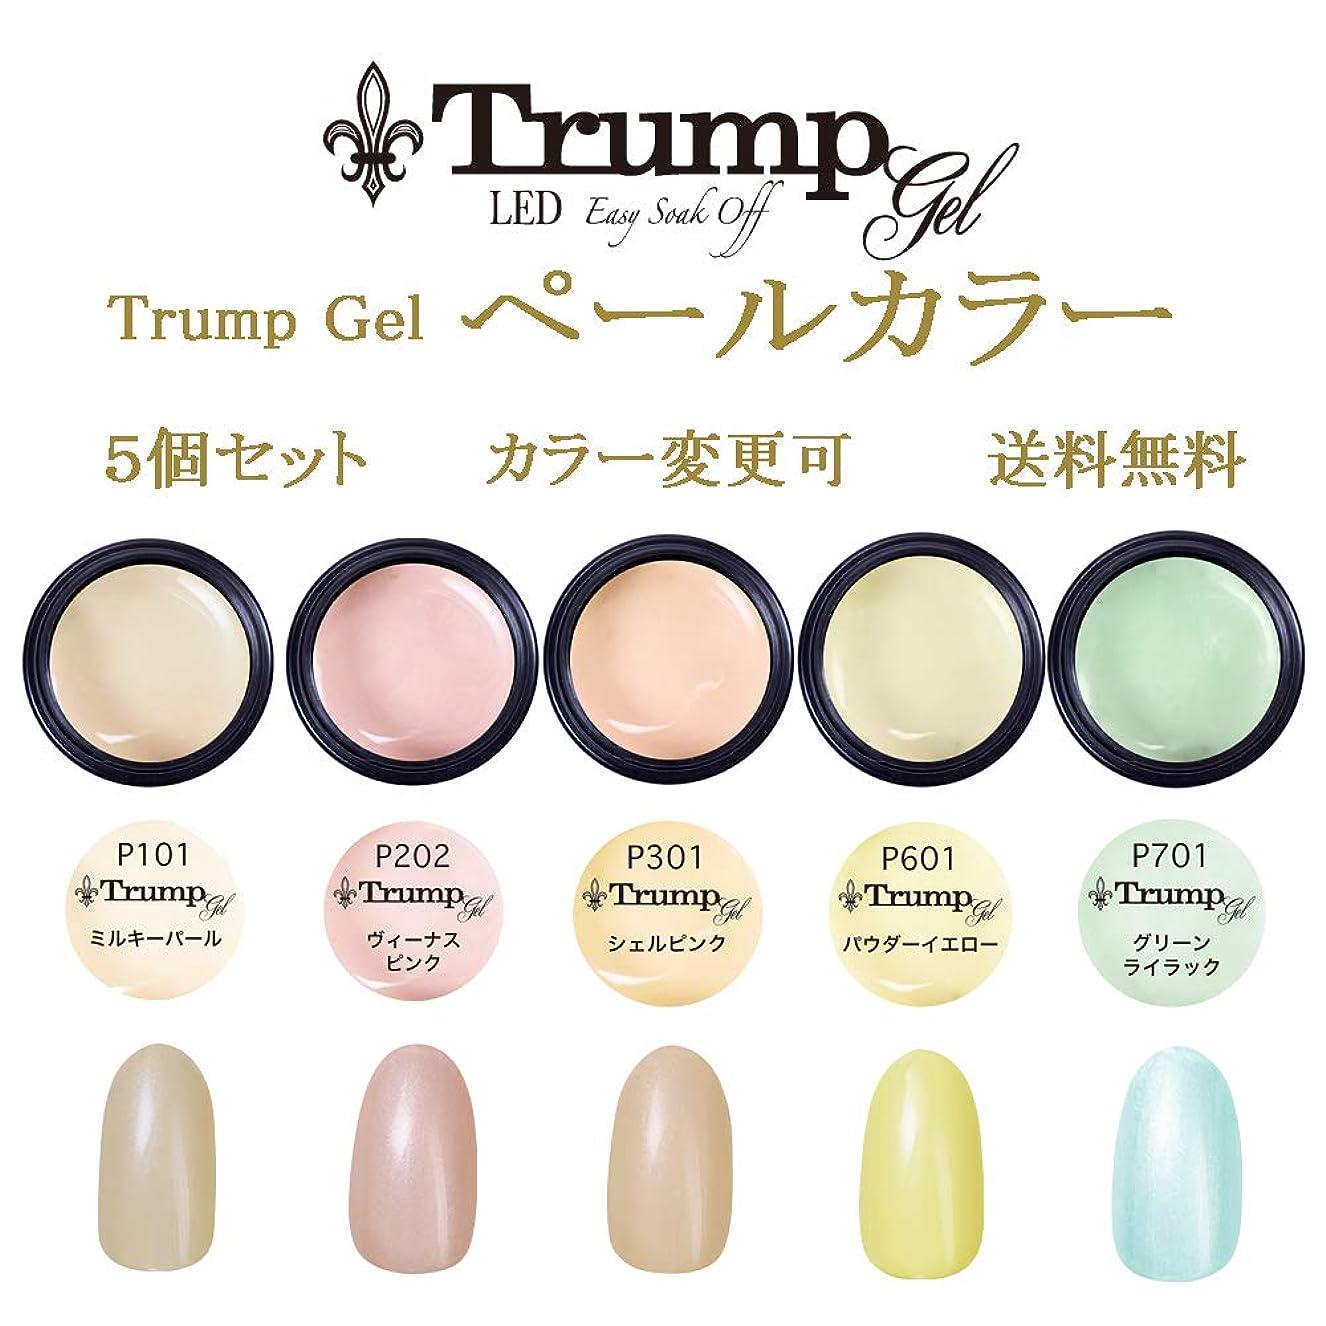 トロピカルドラッグプット日本製 Trump gel トランプジェル ペールカラー 選べる カラージェル 5個セット パール イエロー ベージュ ピンク ブルー